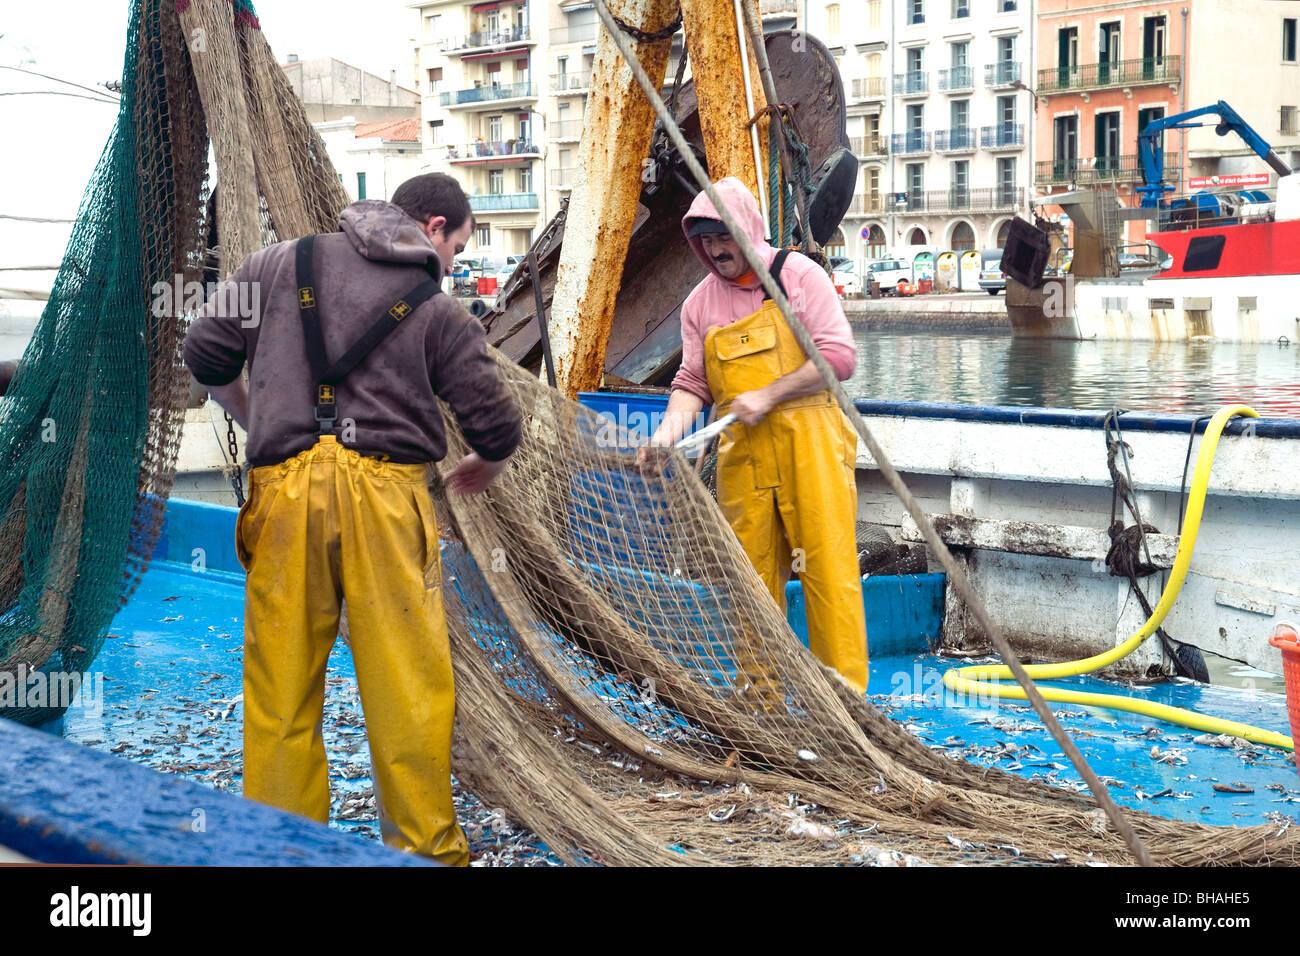 Los pescadores despejando su neta del arrastrero en Sète, Francia, el mayor puerto pesquero del Mediterráneo Foto de stock